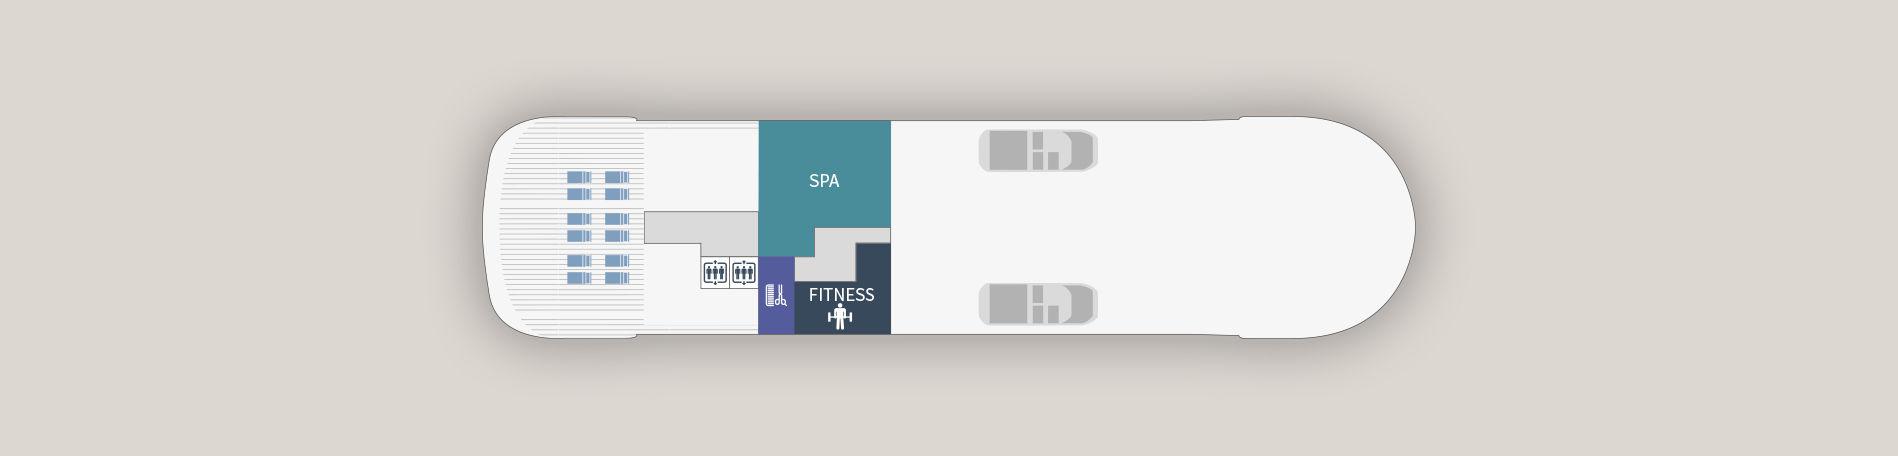 Le Laperouse - Deck 07